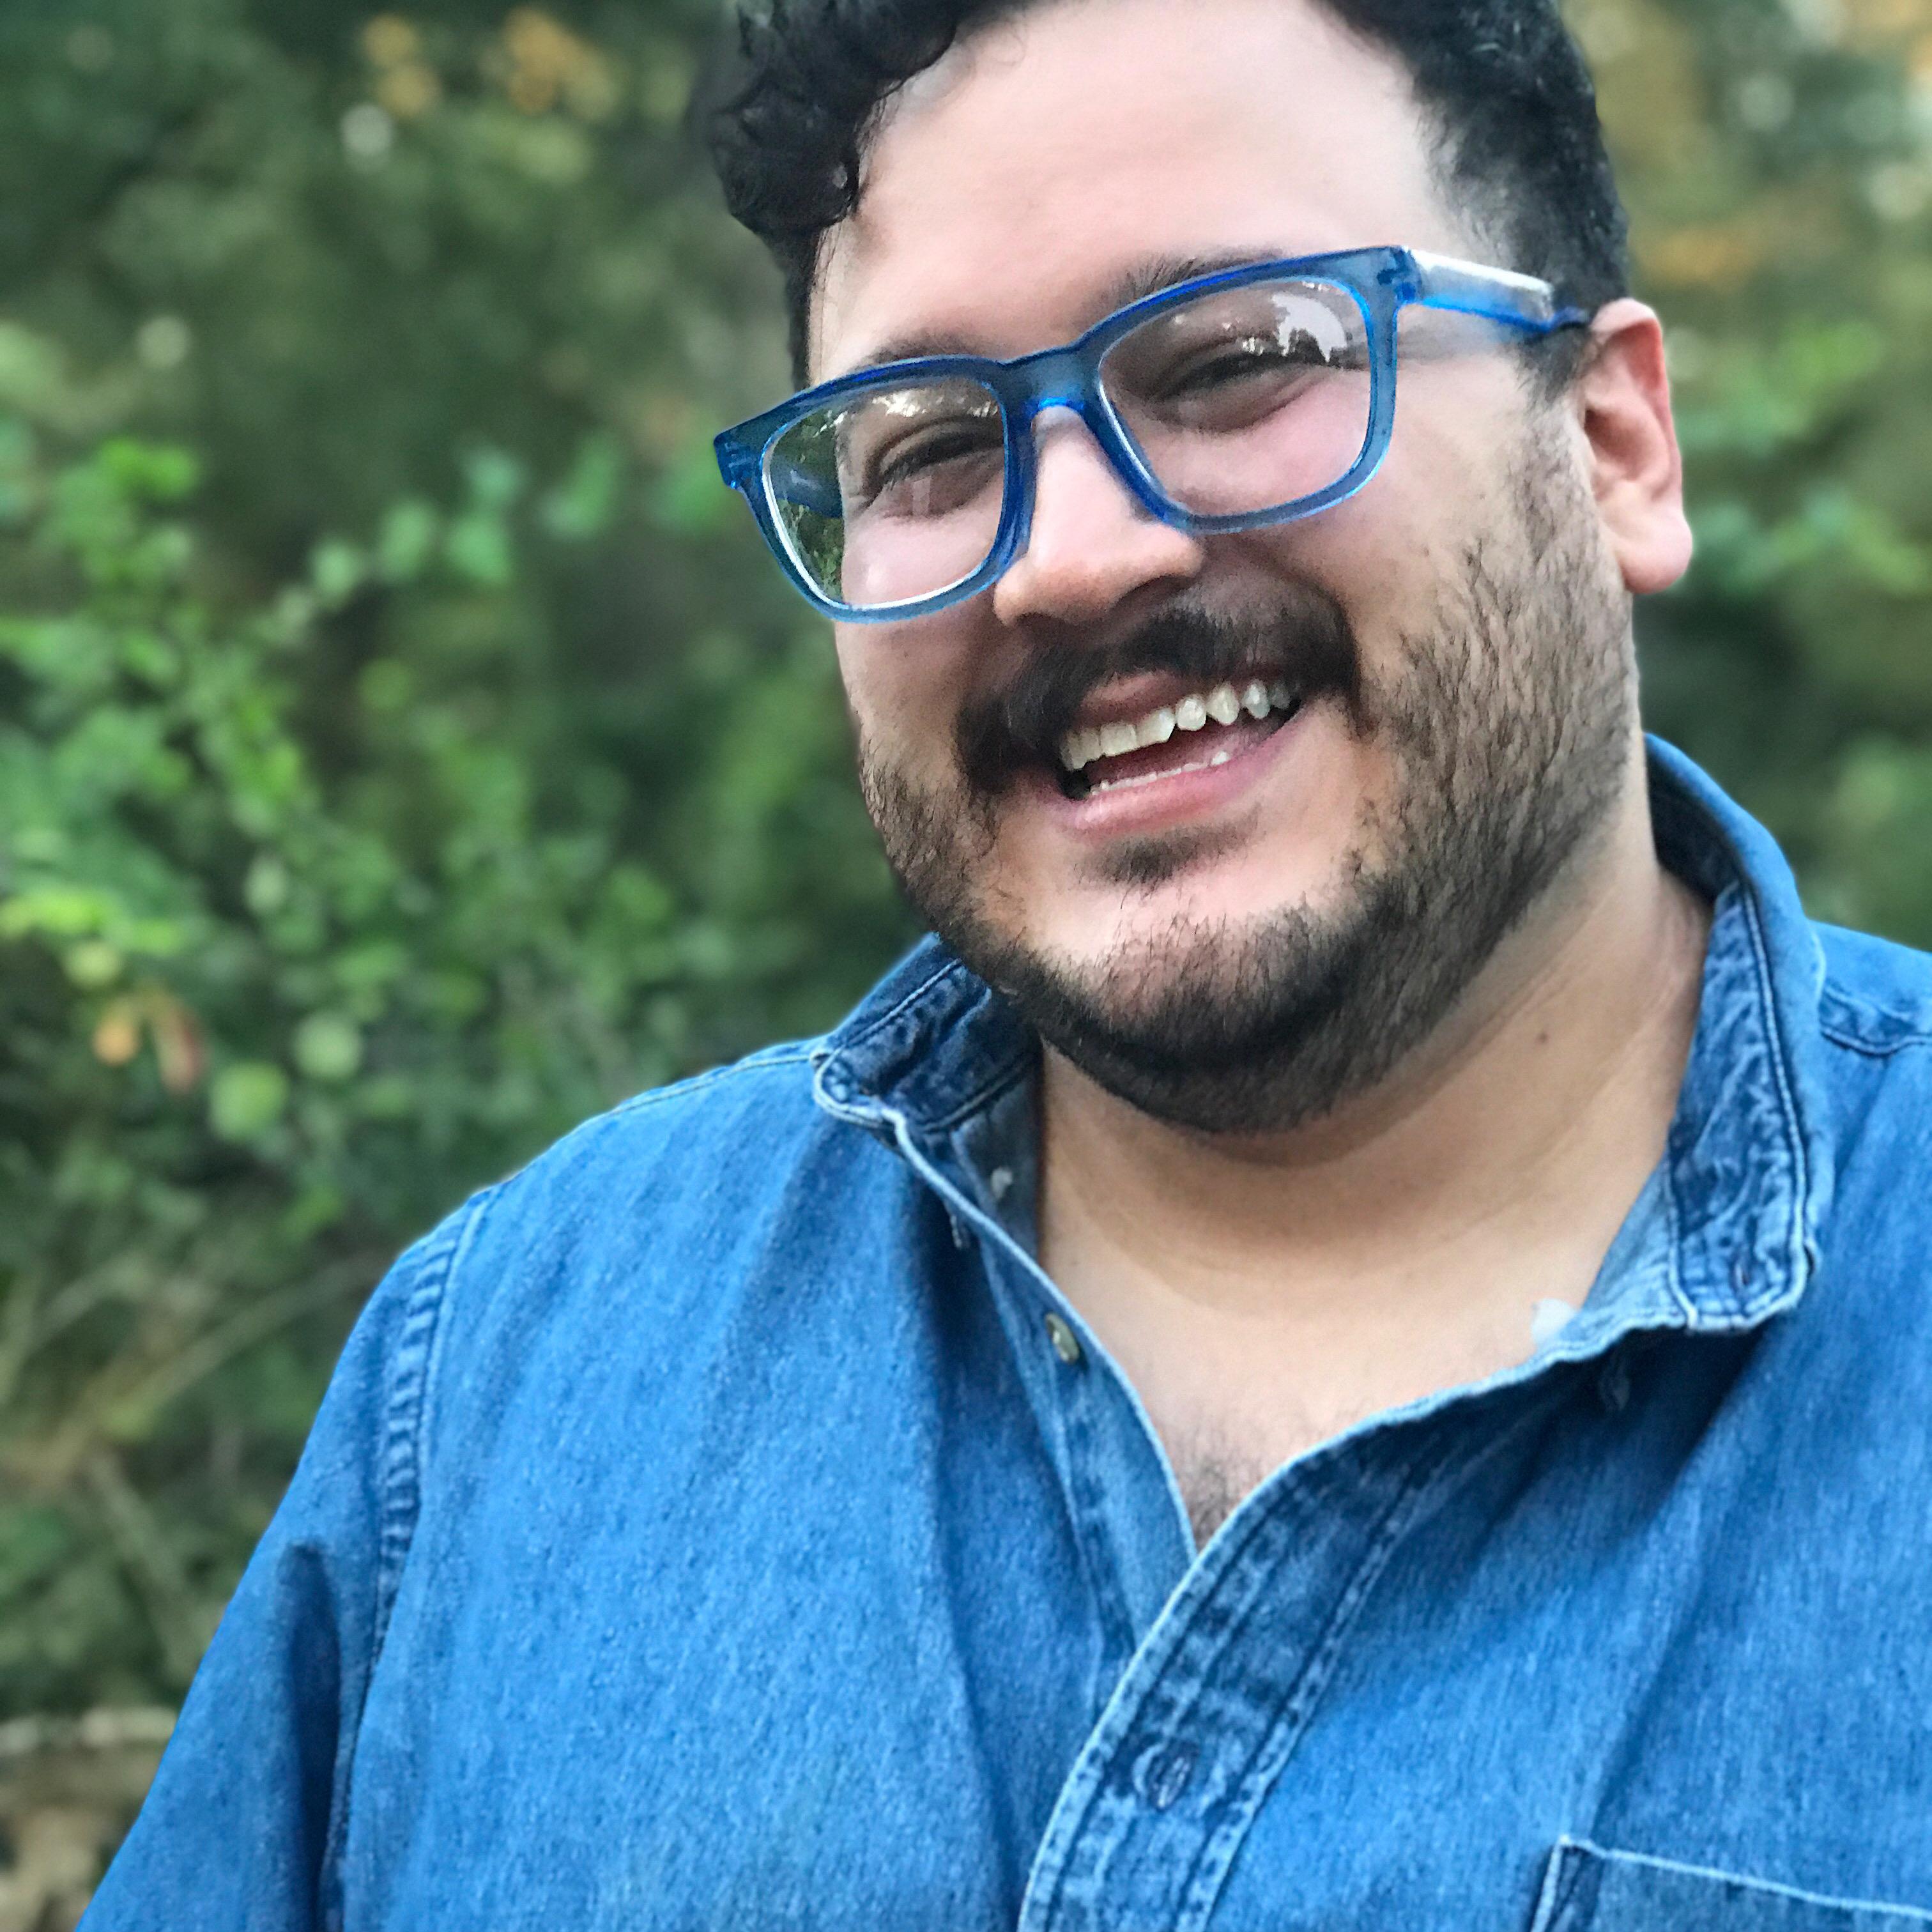 Luis Correa